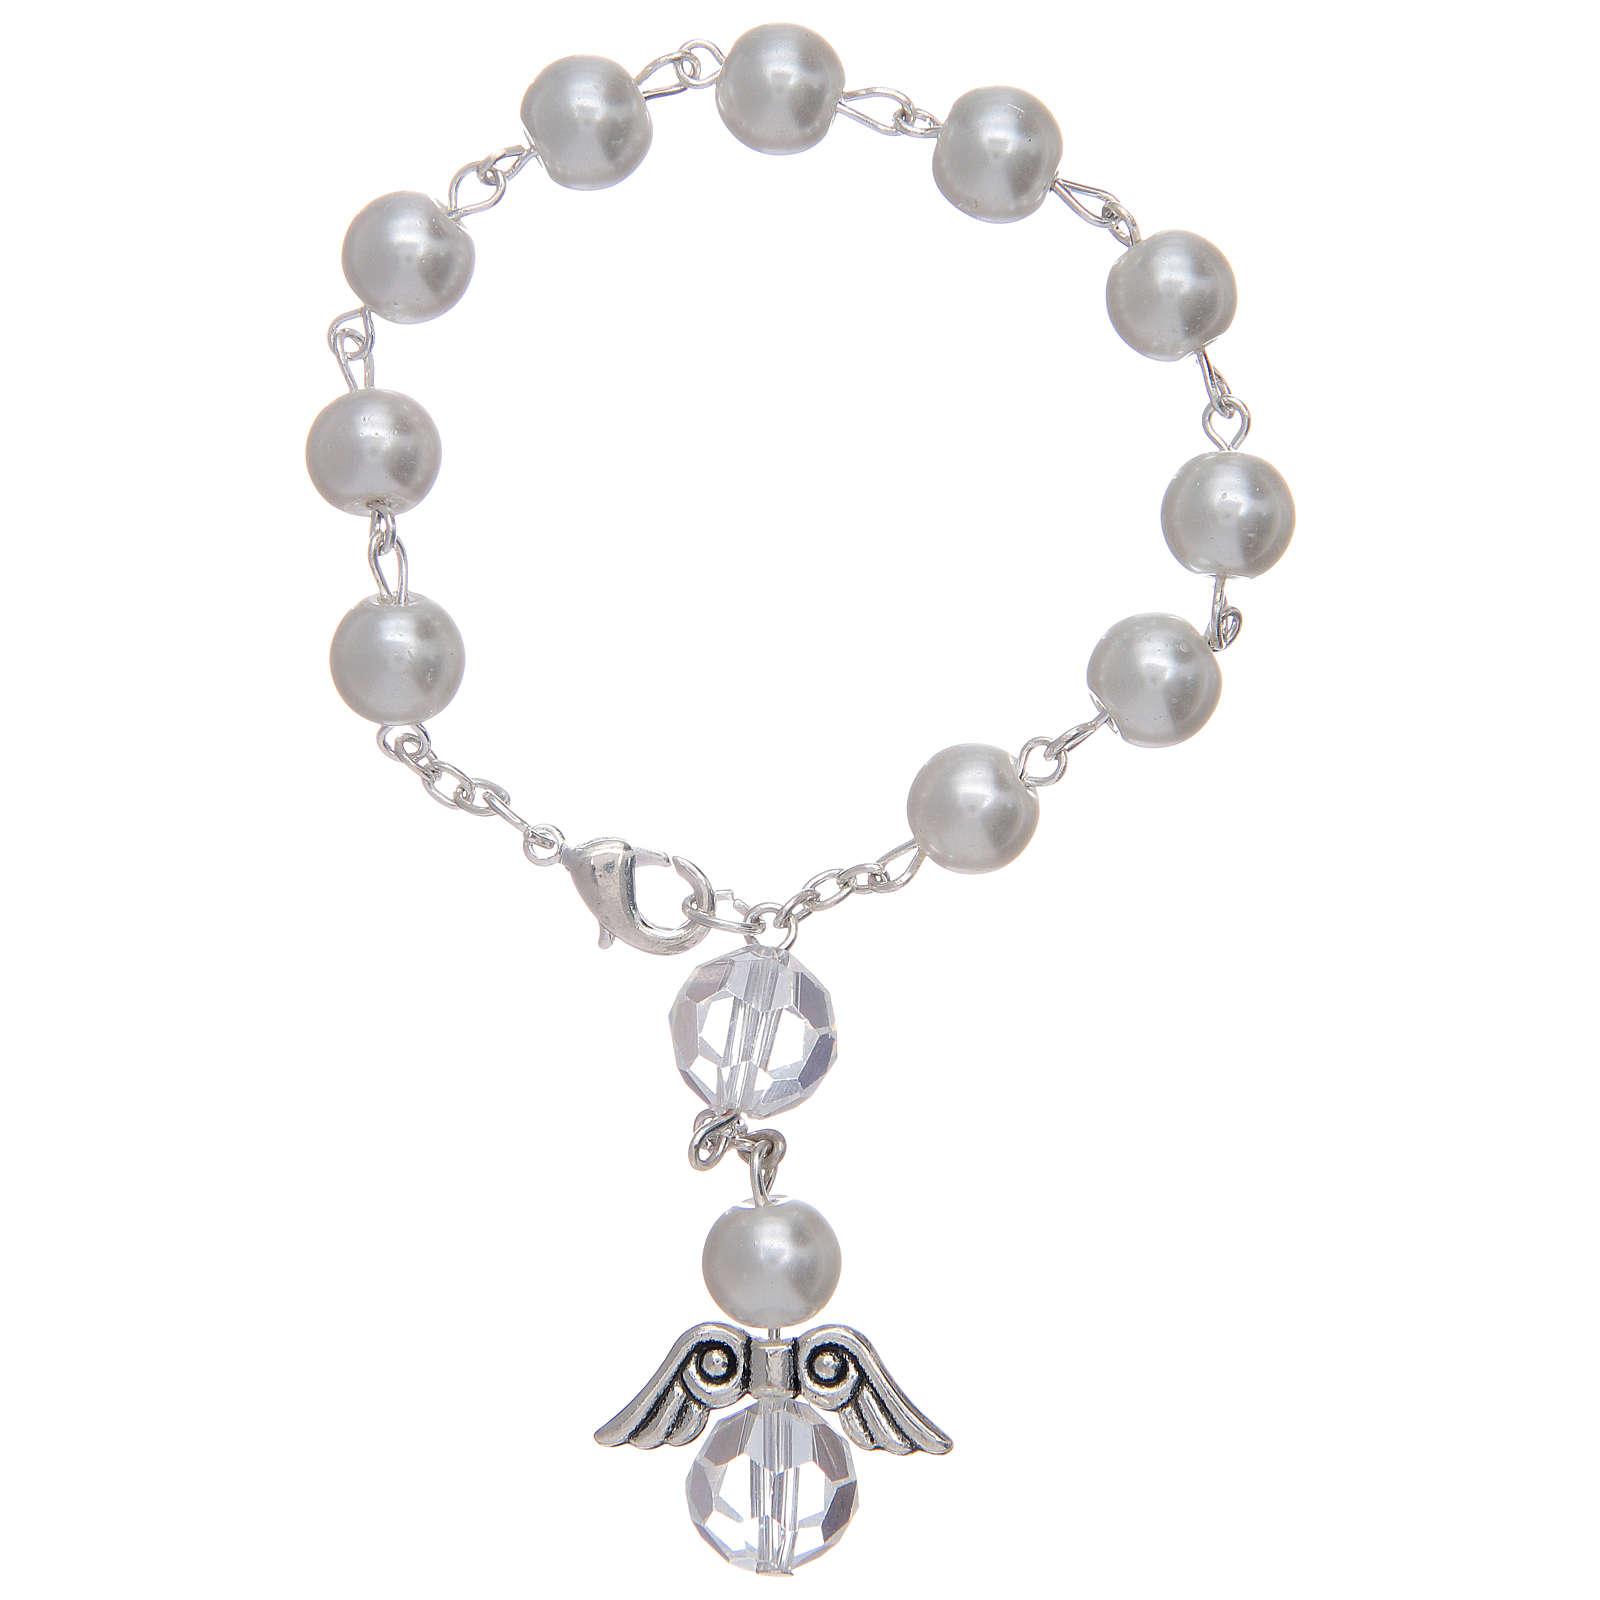 Dizainier avec ange en verre imitation nacre blanc et cristal 4